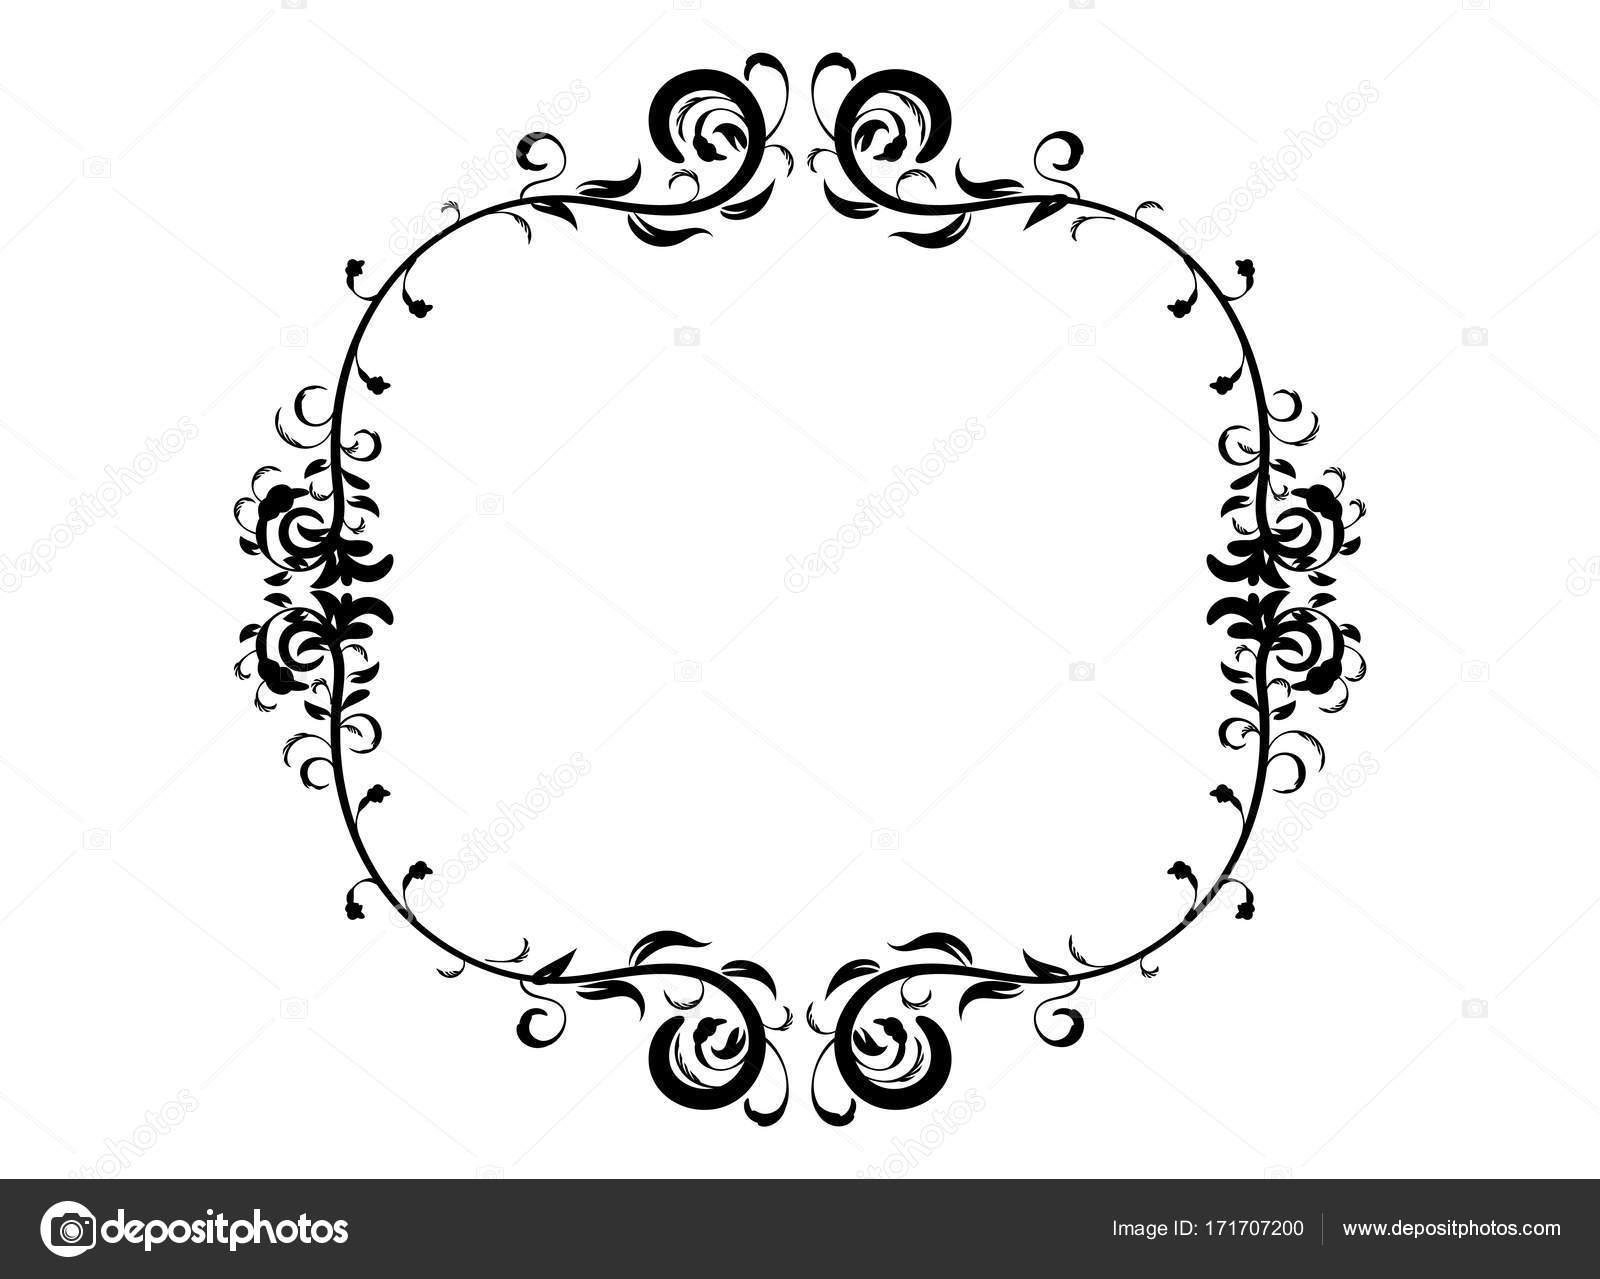 Vintage Blumenmuster Rahmen — Stockvektor © Infostocker #171707200